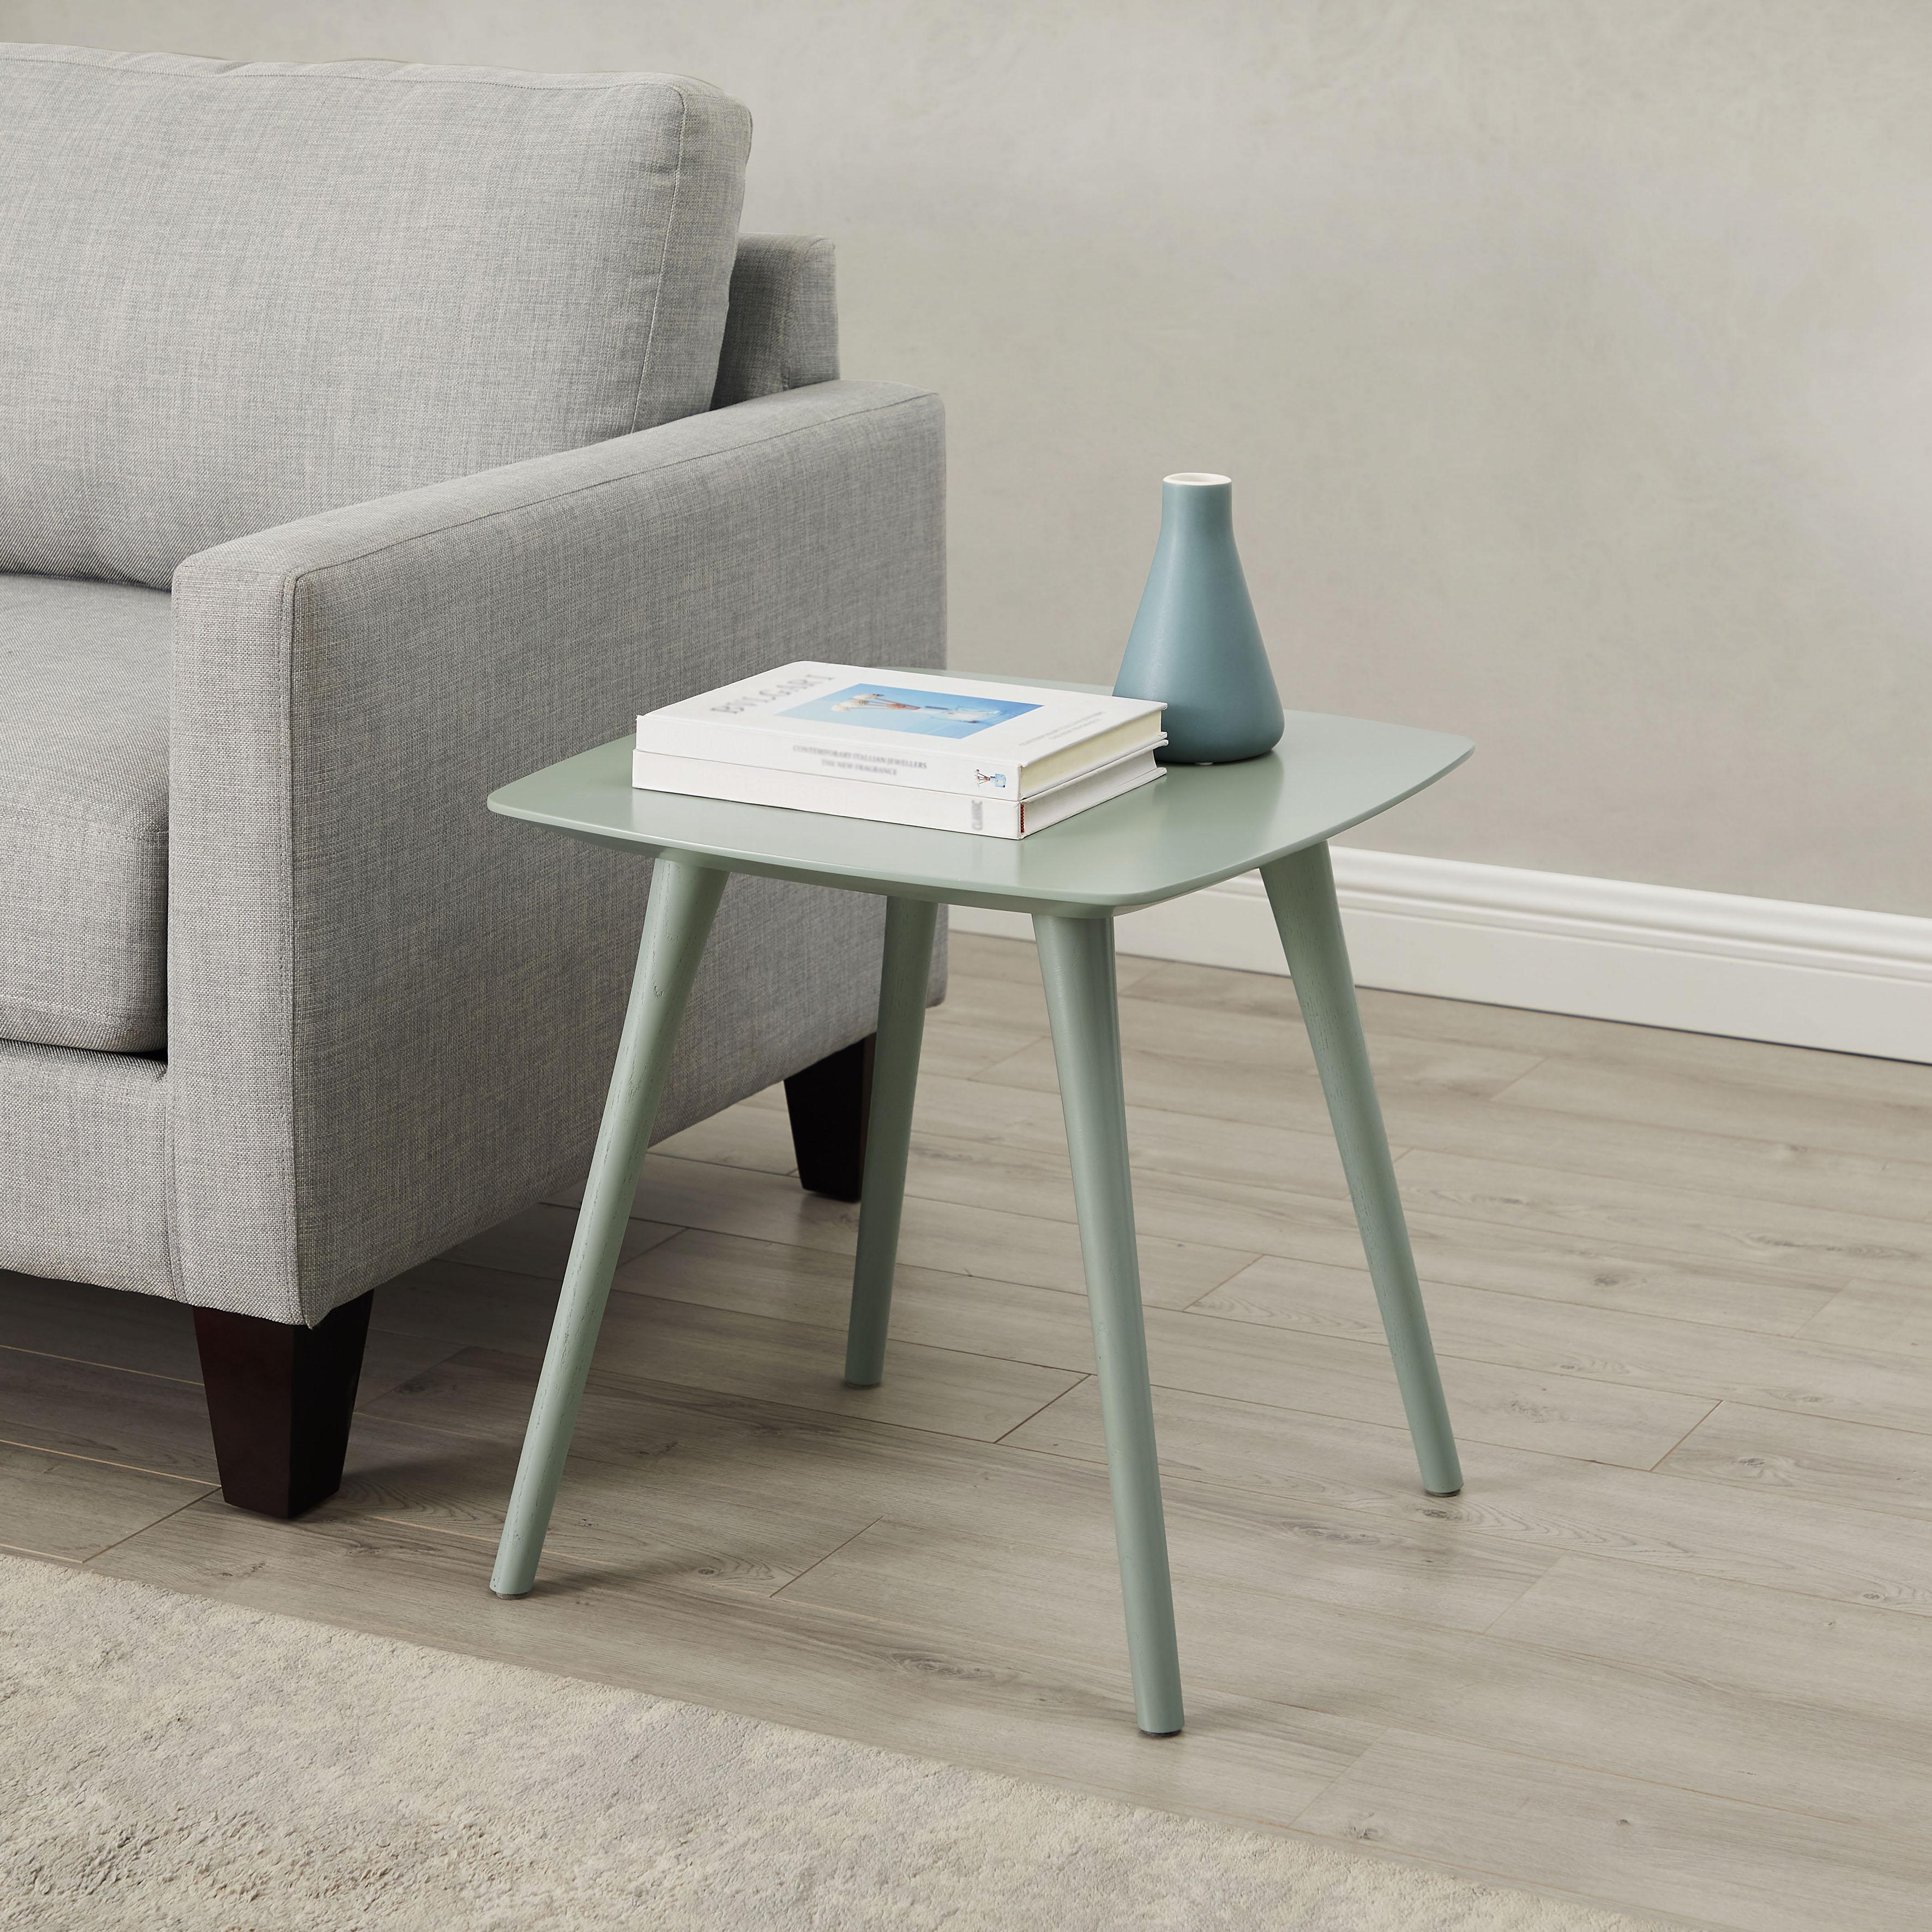 andas Beistelltisch Lisen, Design by Morten Georgsen, in 2 modernen Farben grün Beistelltische Tische